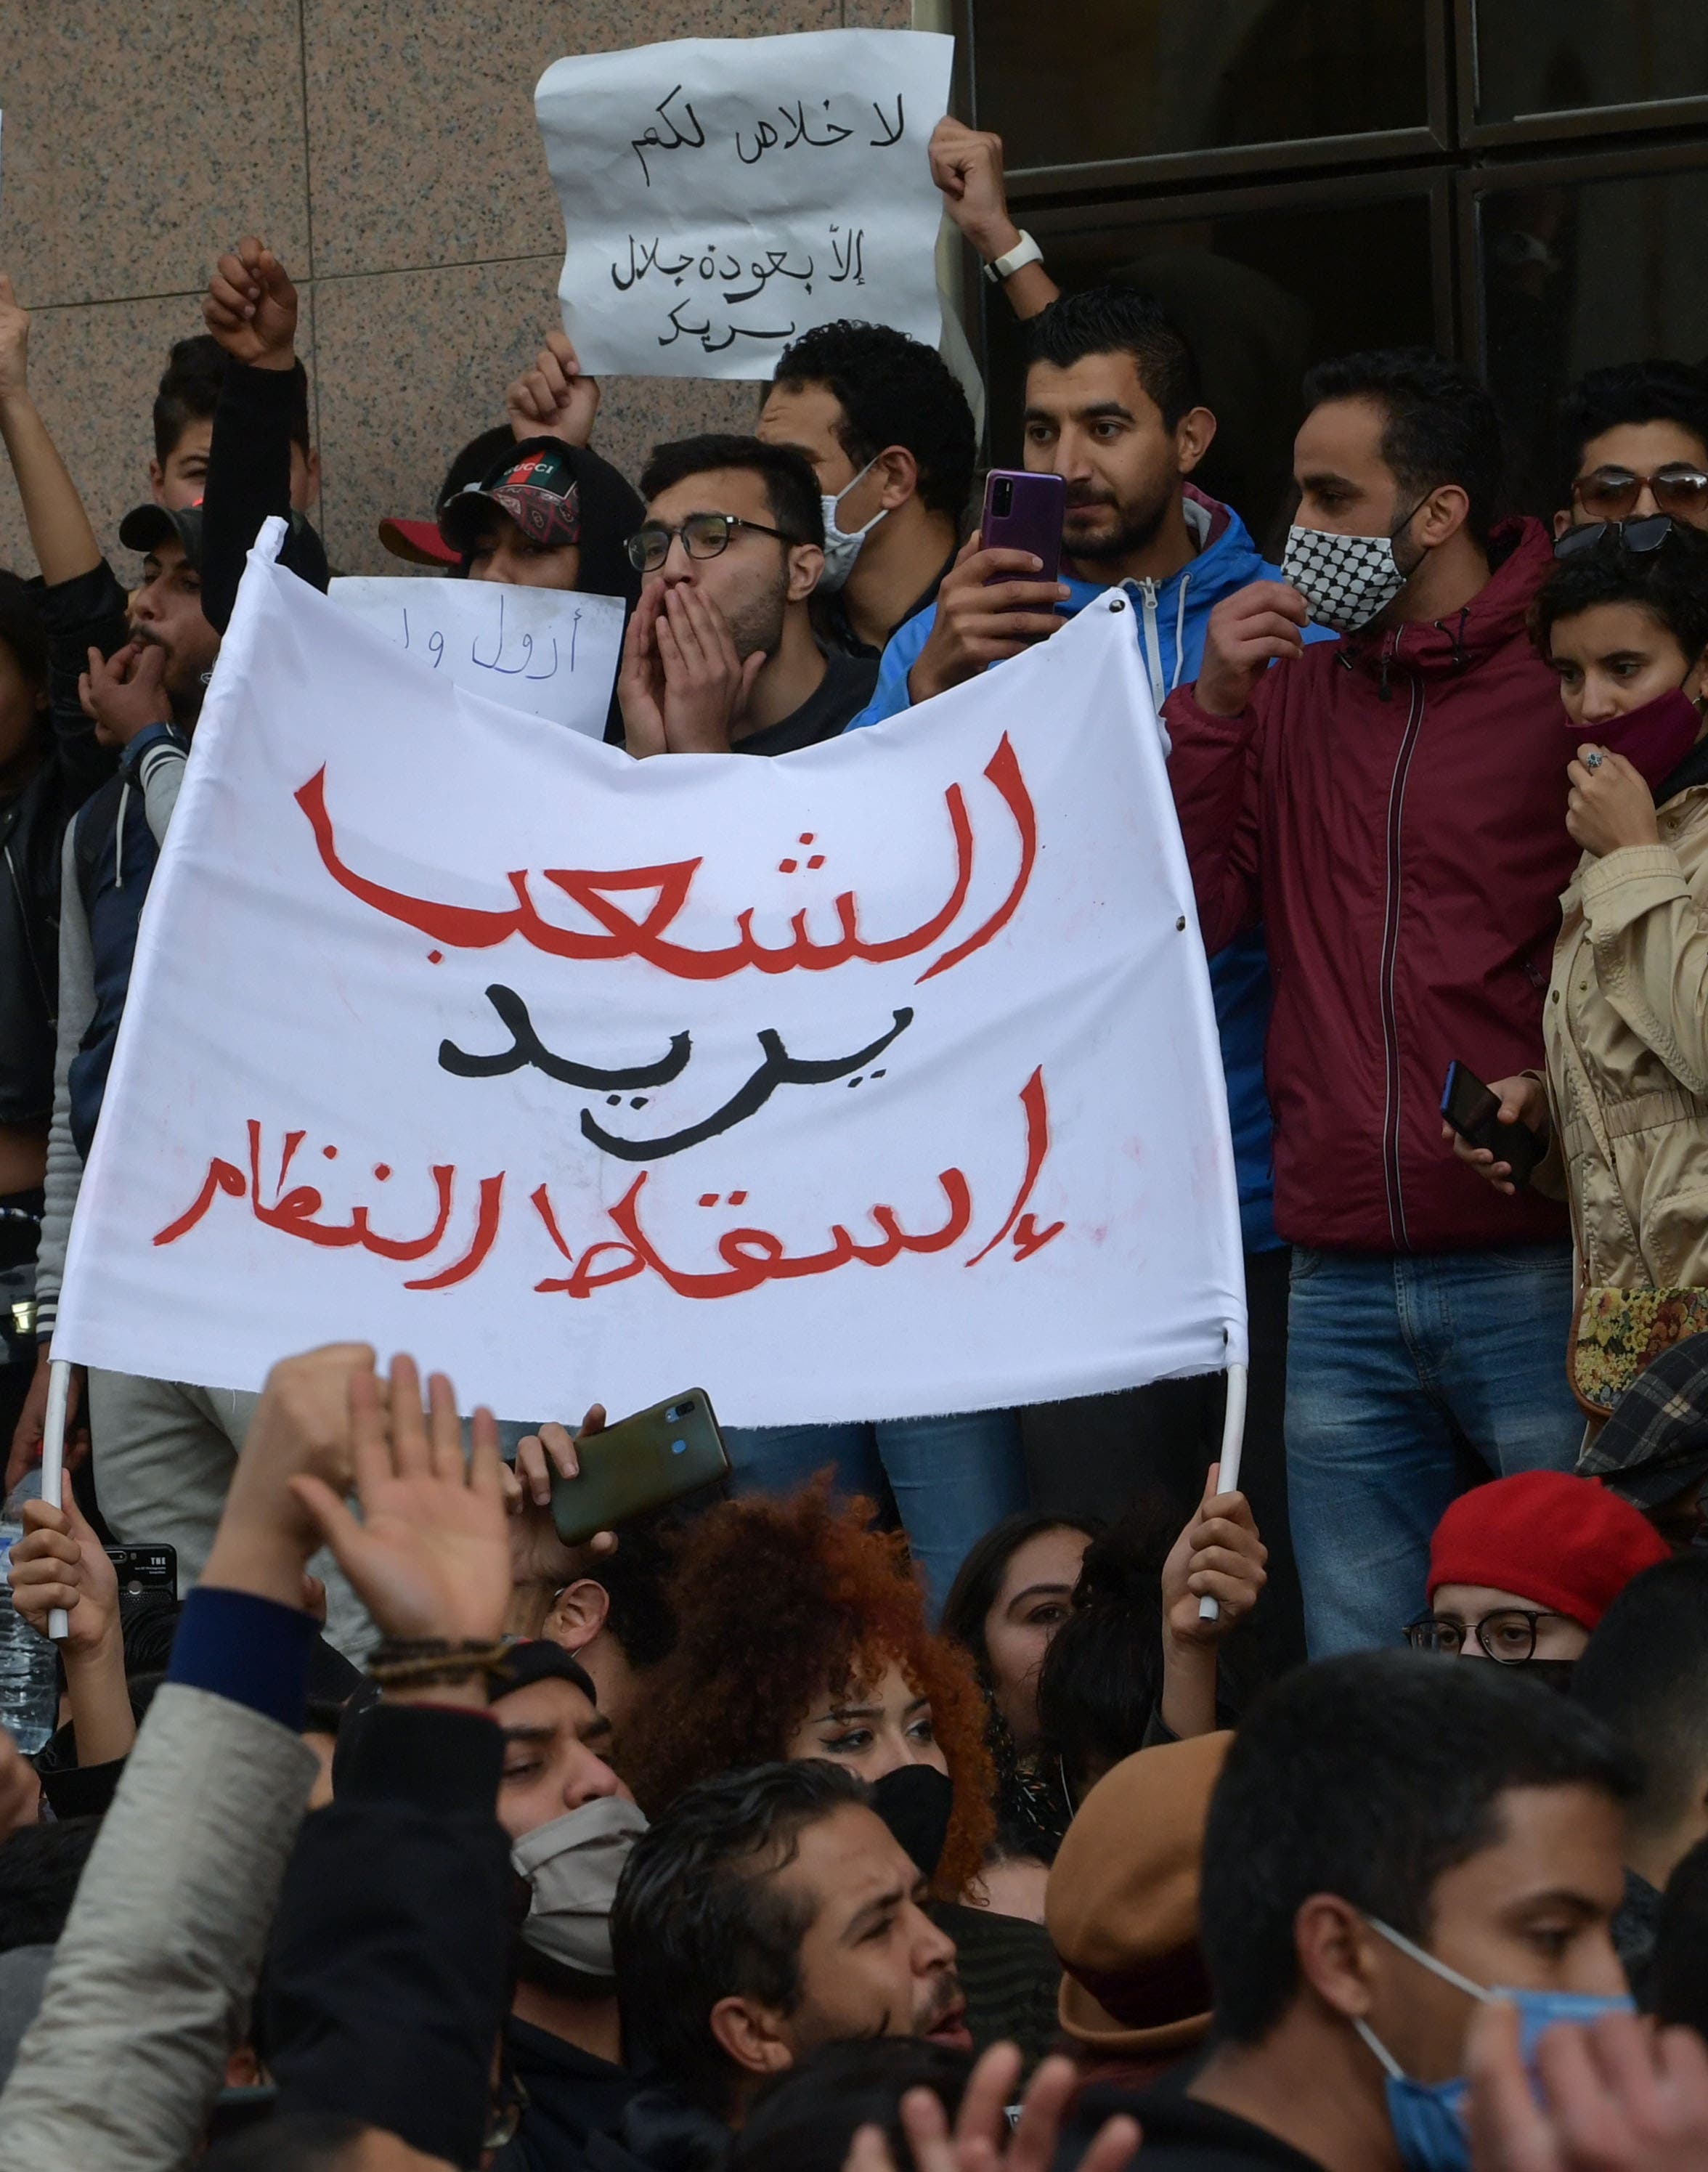 از اعتراضات تونس - مطبوعات فرانسه